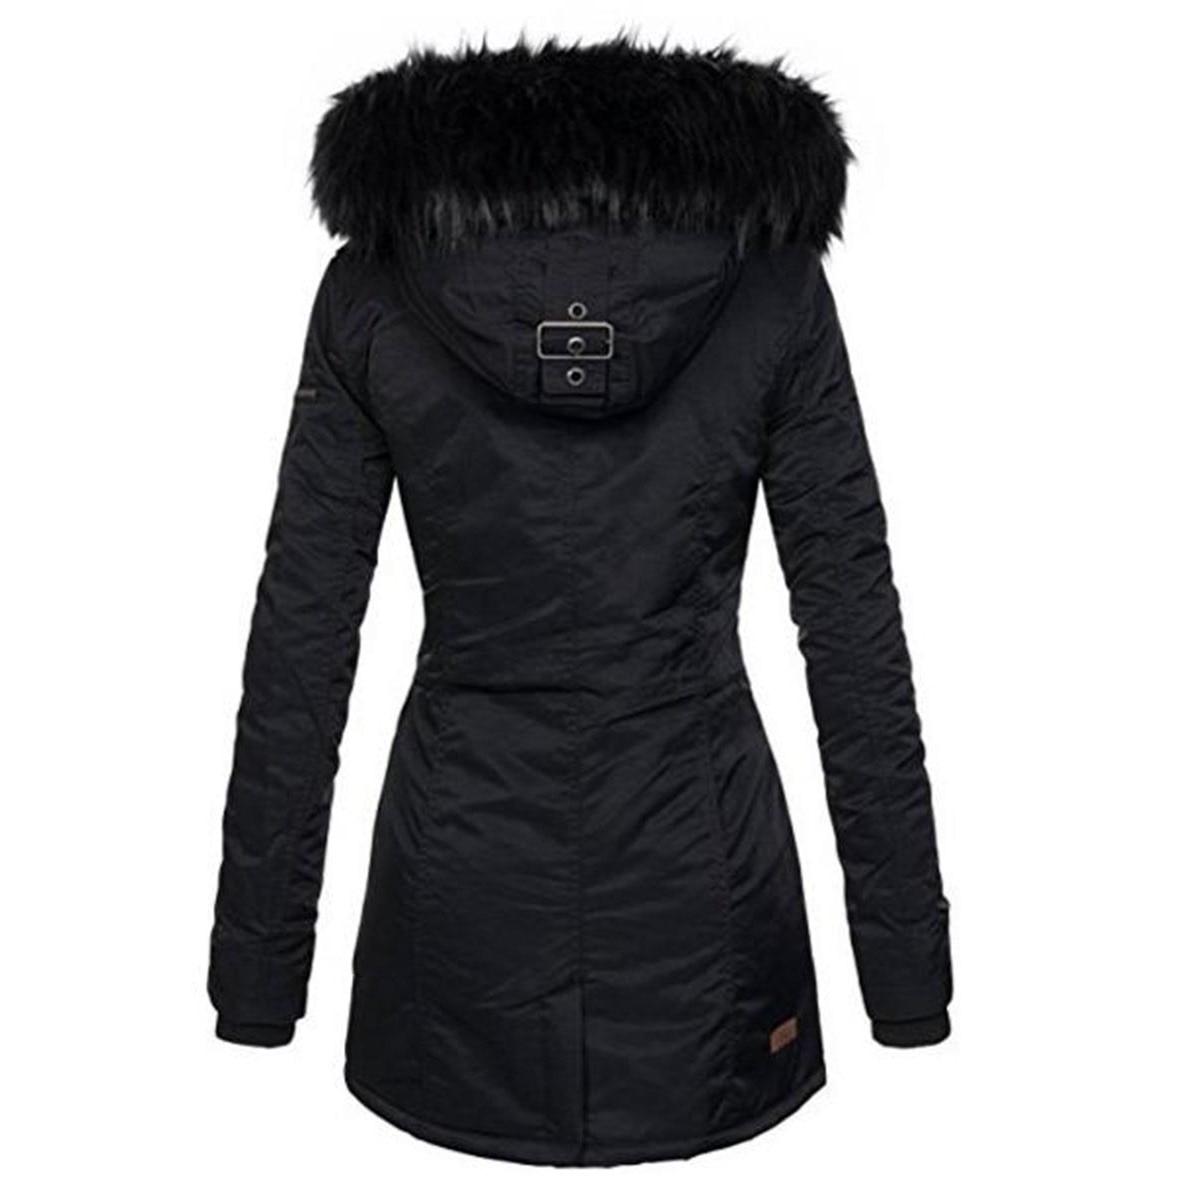 Automne 2018 En Épaissir Long À Femmes De Fourrure Veste Taille Base La Capuchon Chaud Plus Kinikiss Hiver Femelle Mince Noir Dames Coton Manteau Survêtement AvwdAq0